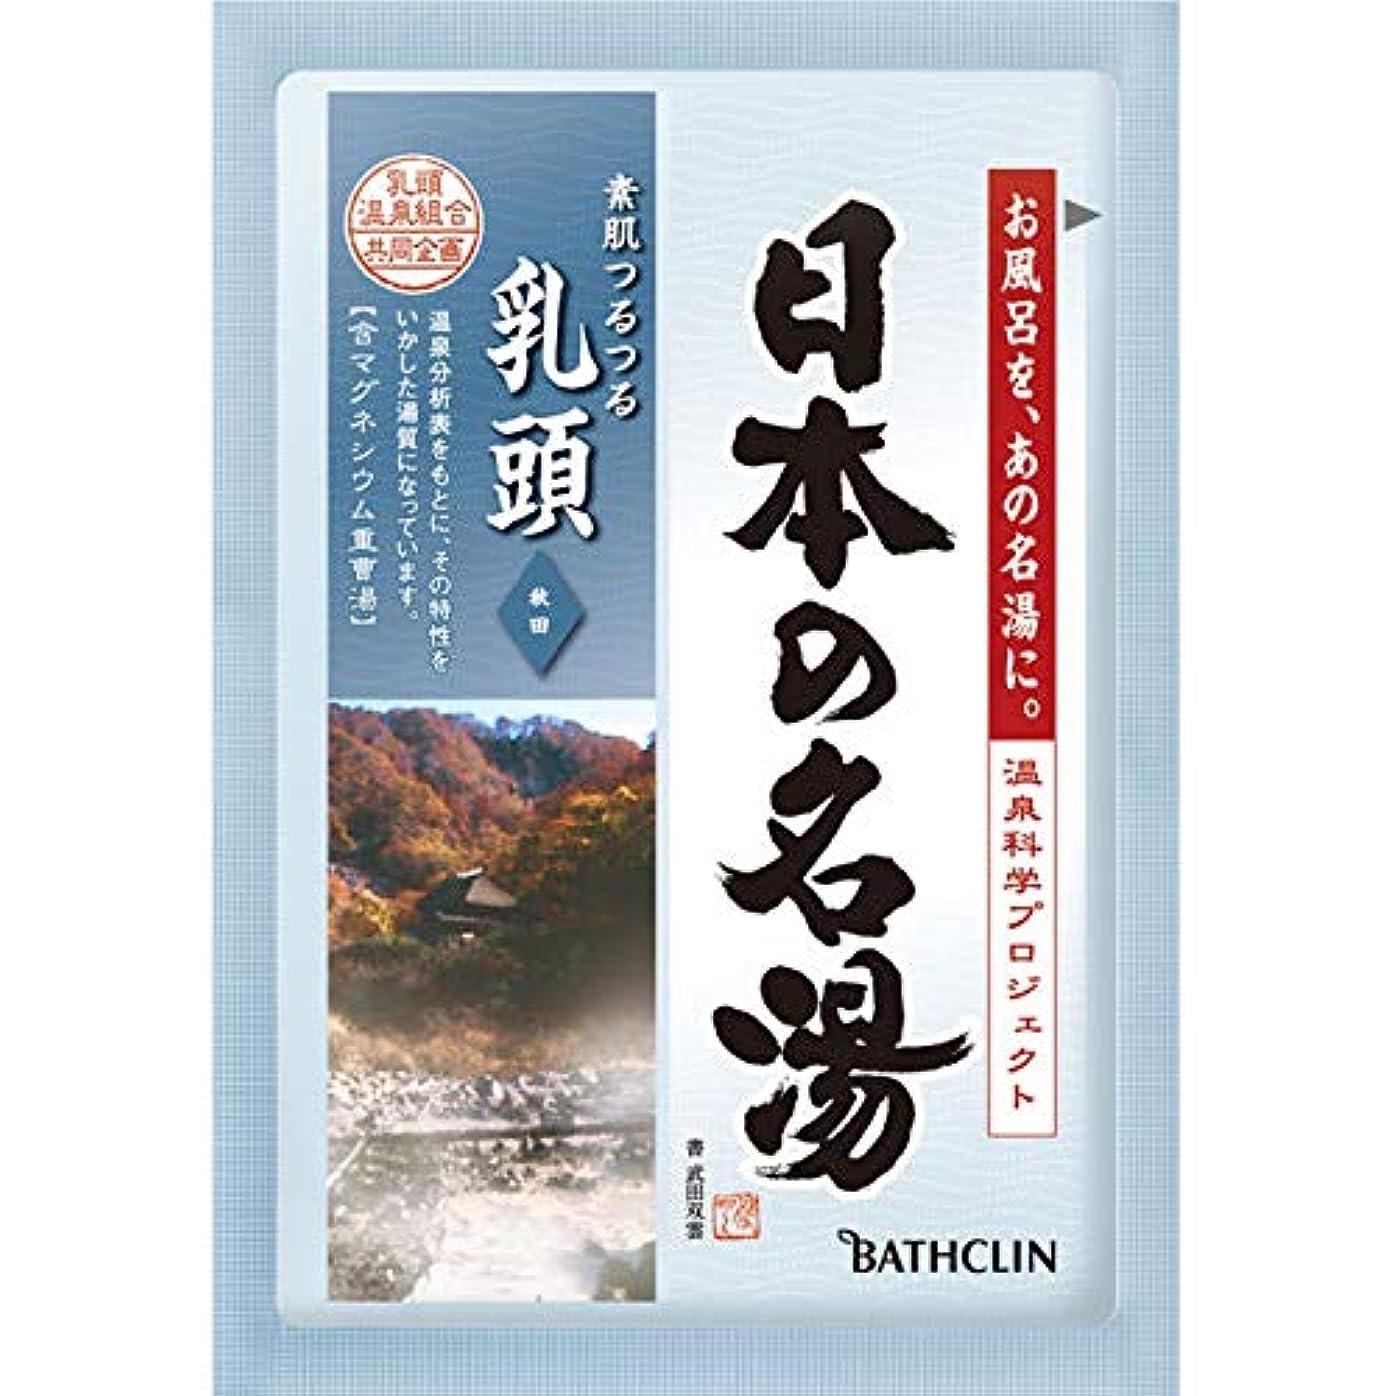 店員マインド拒否バスクリン 日本の名湯 乳頭 30g (医薬部外品)